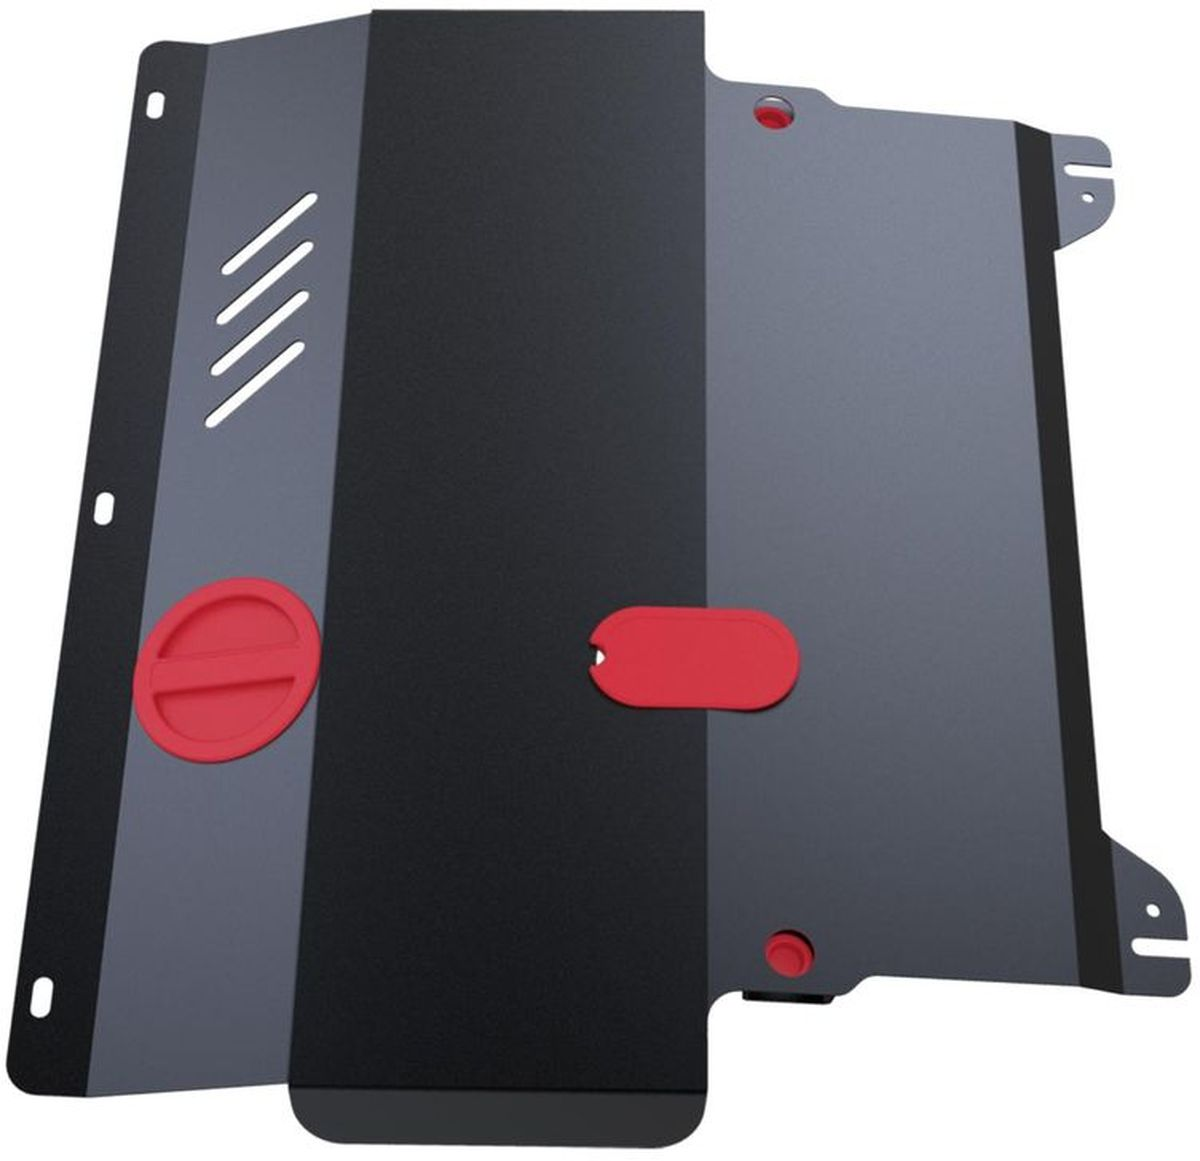 Защита картера Автоброня, для Nissan Pathfinder ч.1, V - все (1996-2004)1004900000360Технологически совершенный продукт за невысокую стоимость.Защита разработана с учетом особенностей днища автомобиля, что позволяет сохранить дорожный просвет с минимальным изменением.Защита устанавливается в штатные места кузова автомобиля. Глубокий штамп обеспечивает до двух раз больше жесткости в сравнении с обычной защитой той же толщины. Проштампованные ребра жесткости препятствуют деформации защиты при ударах.Тепловой зазор и вентиляционные отверстия обеспечивают сохранение температурного режима двигателя в норме. Скрытый крепеж предотвращает срыв крепежных элементов при наезде на препятствие.Шумопоглощающие резиновые элементы обеспечивают комфортную езду без вибраций и скрежета металла, а съемные лючки для слива масла и замены фильтра - экономию средств и время.Конструкция изделия не влияет на пассивную безопасность автомобиля (при ударе защита не воздействует на деформационные зоны кузова). Со штатным крепежом. В комплекте инструкция по установке.Толщина стали: 2 мм.Уважаемые клиенты!Обращаем ваше внимание, что элемент защиты имеет форму, соответствующую модели данного автомобиля. Фото служит для визуального восприятия товара и может отличаться от фактического.